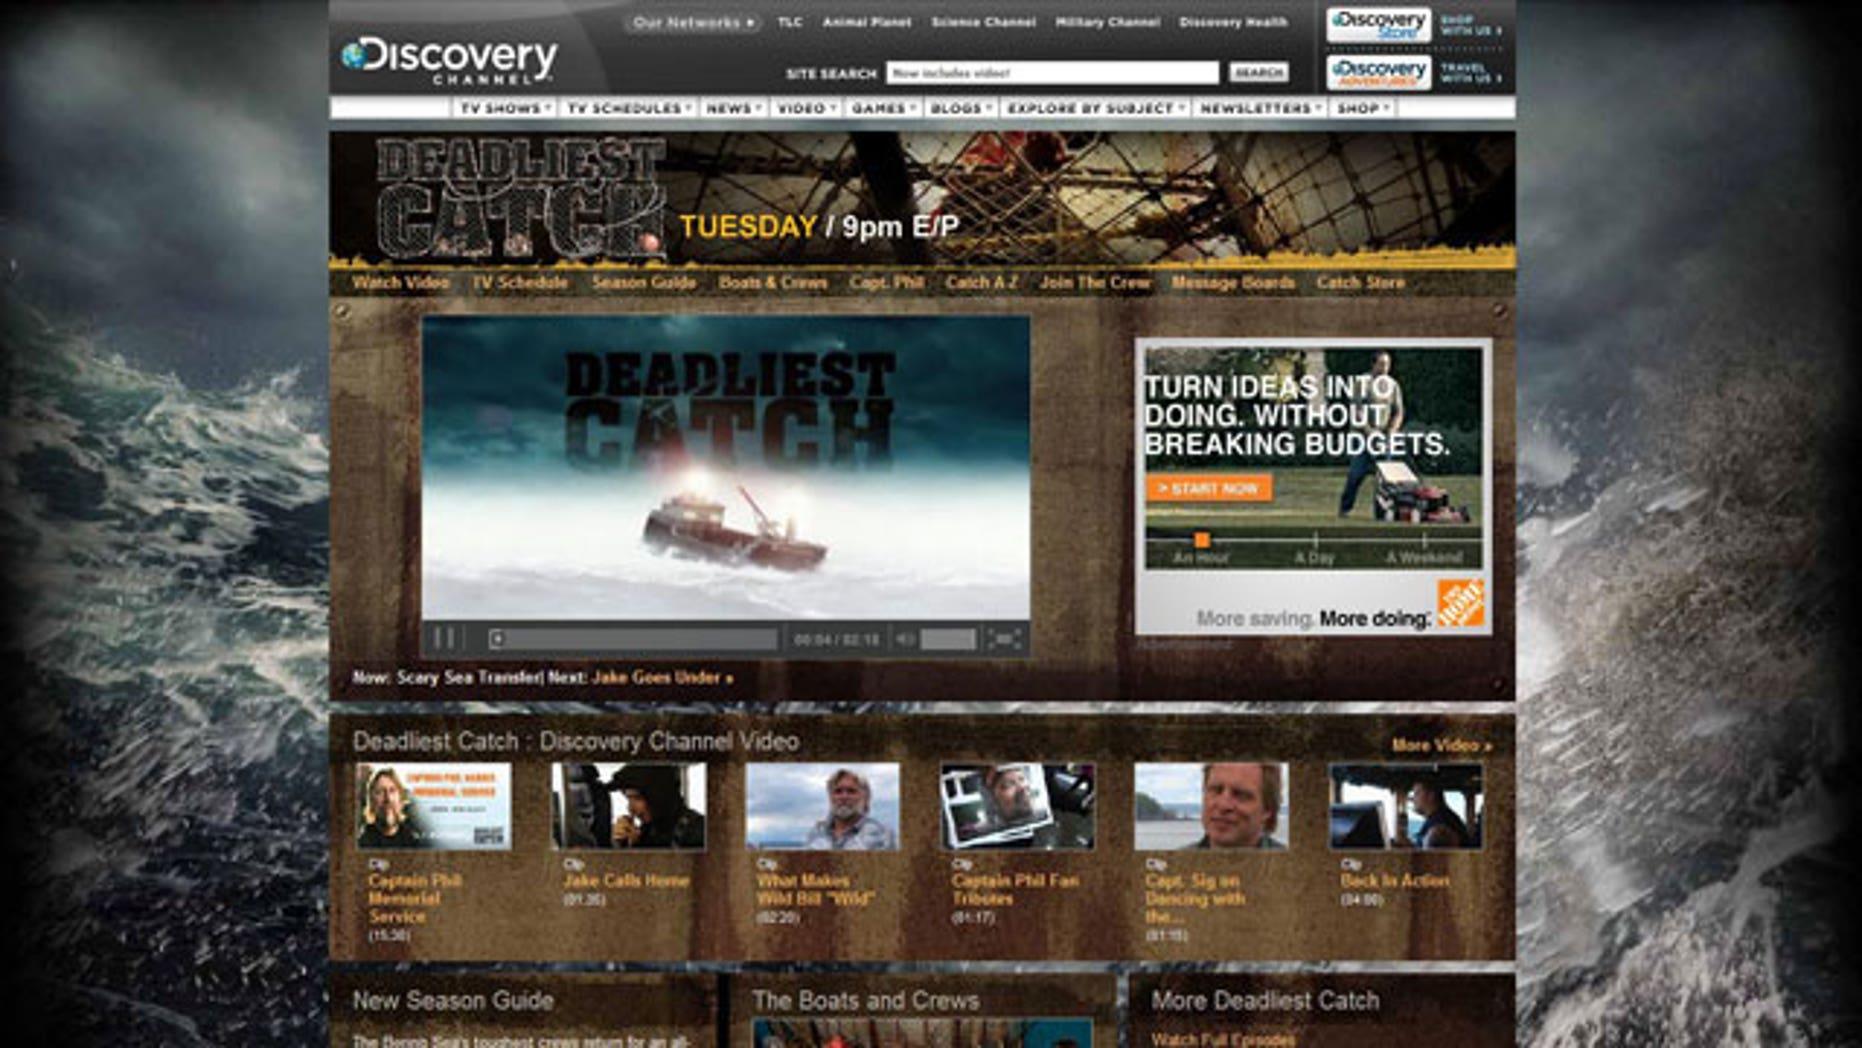 A screen grab from Deadliest Catch's website.